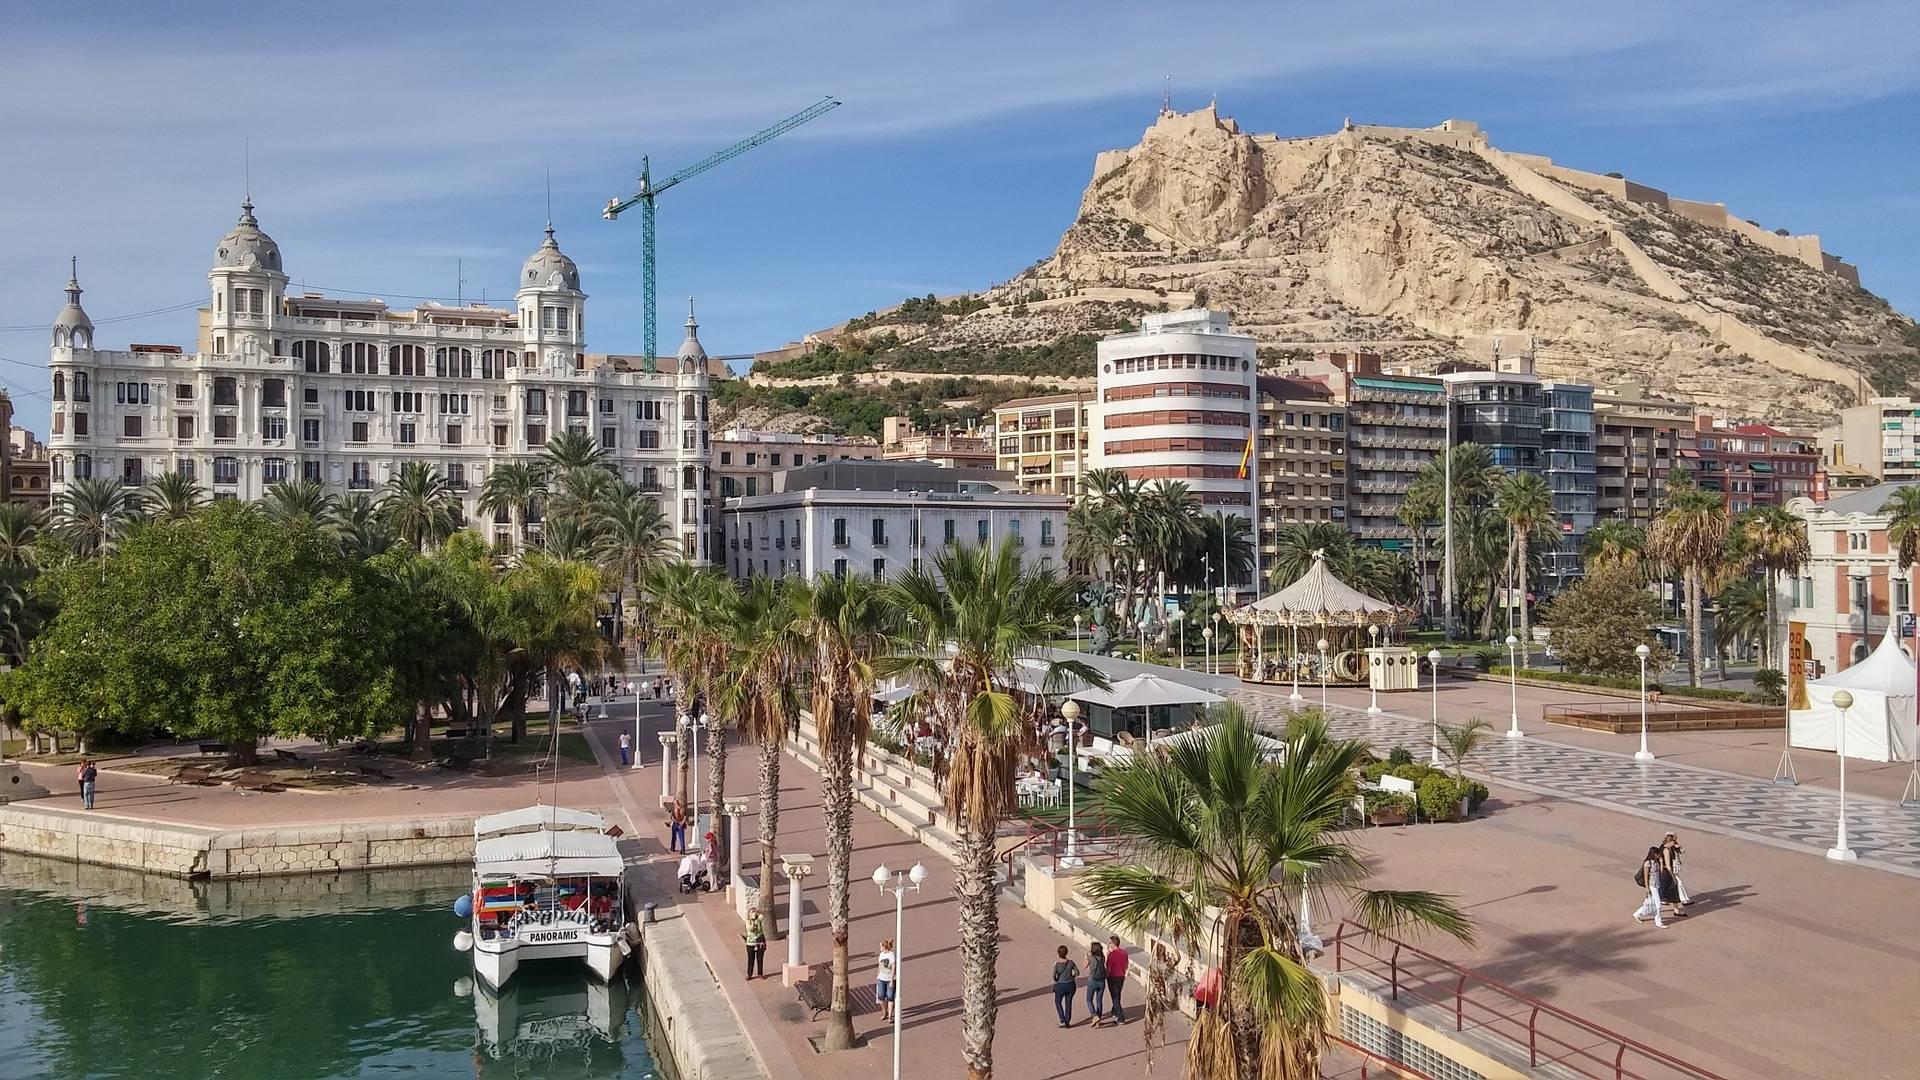 Alicante in autum